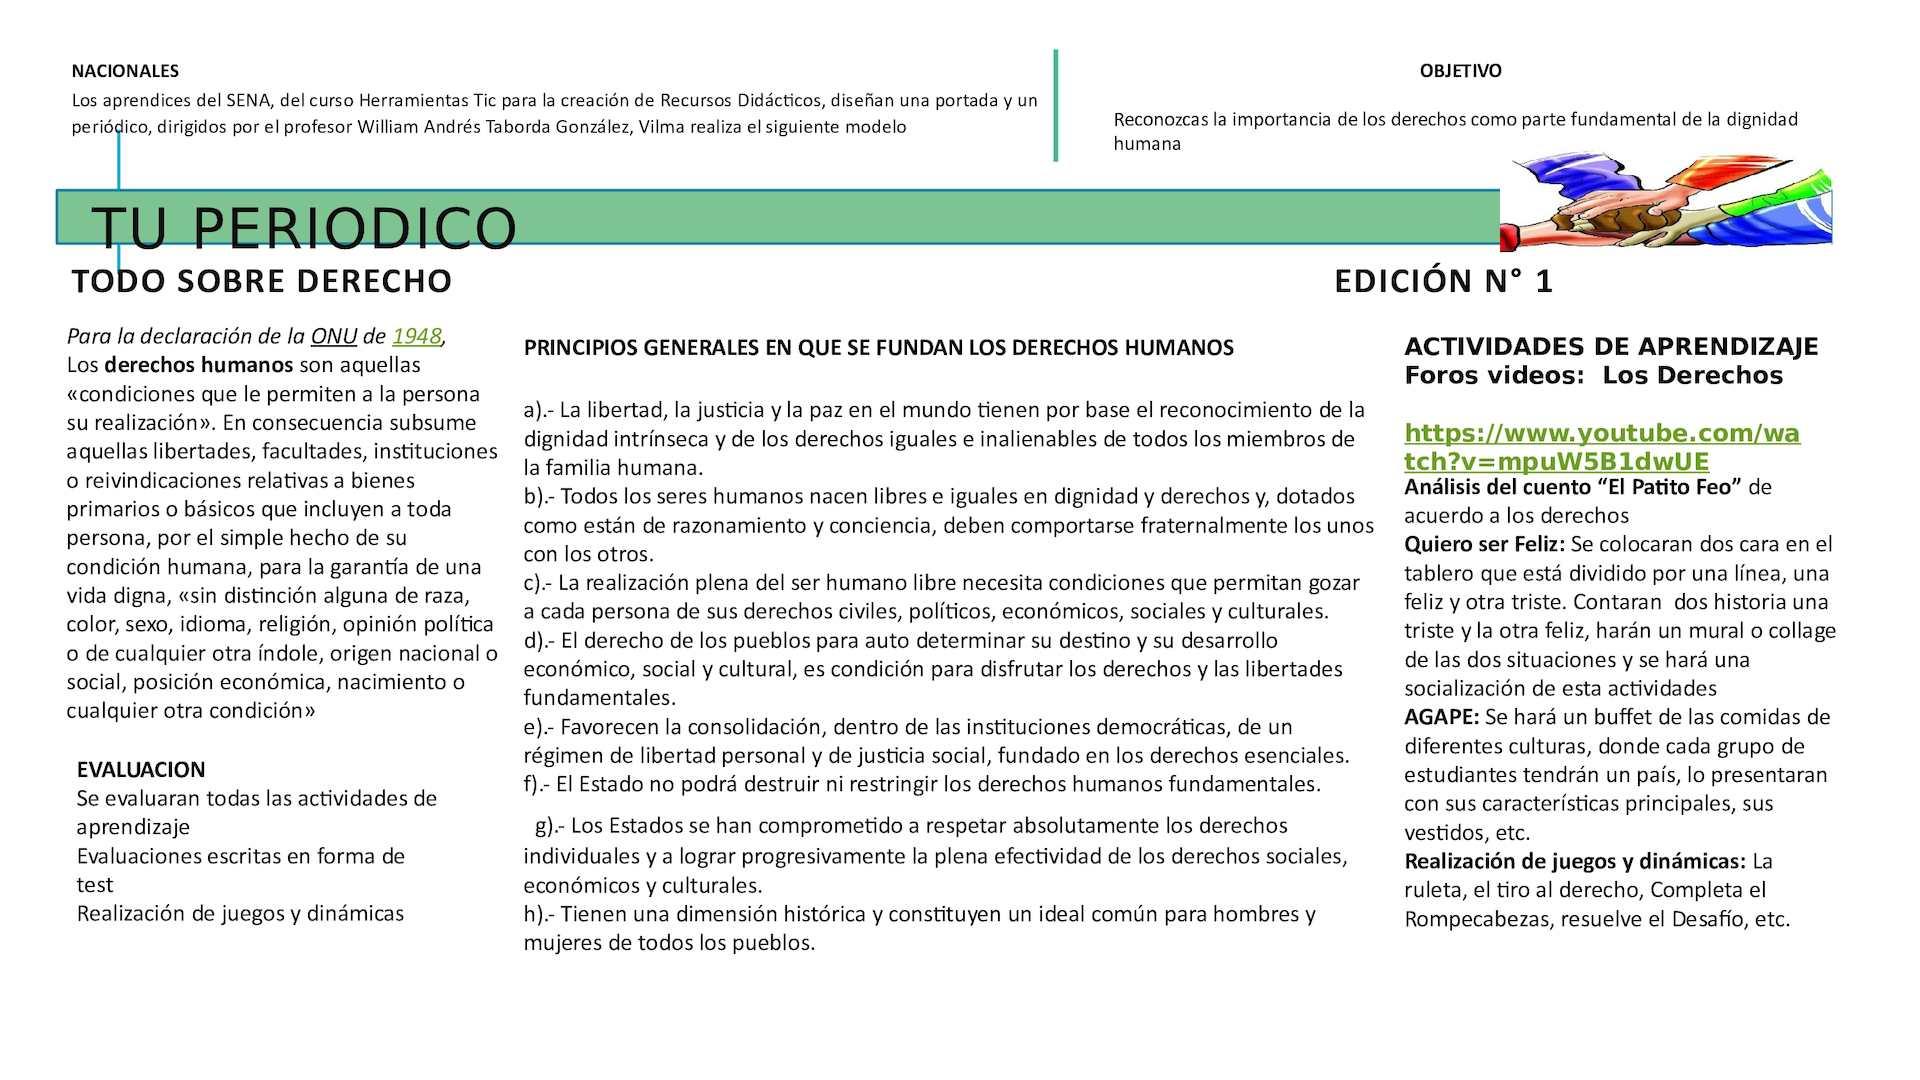 Calameo Presentation1 Periodico Los Derechos